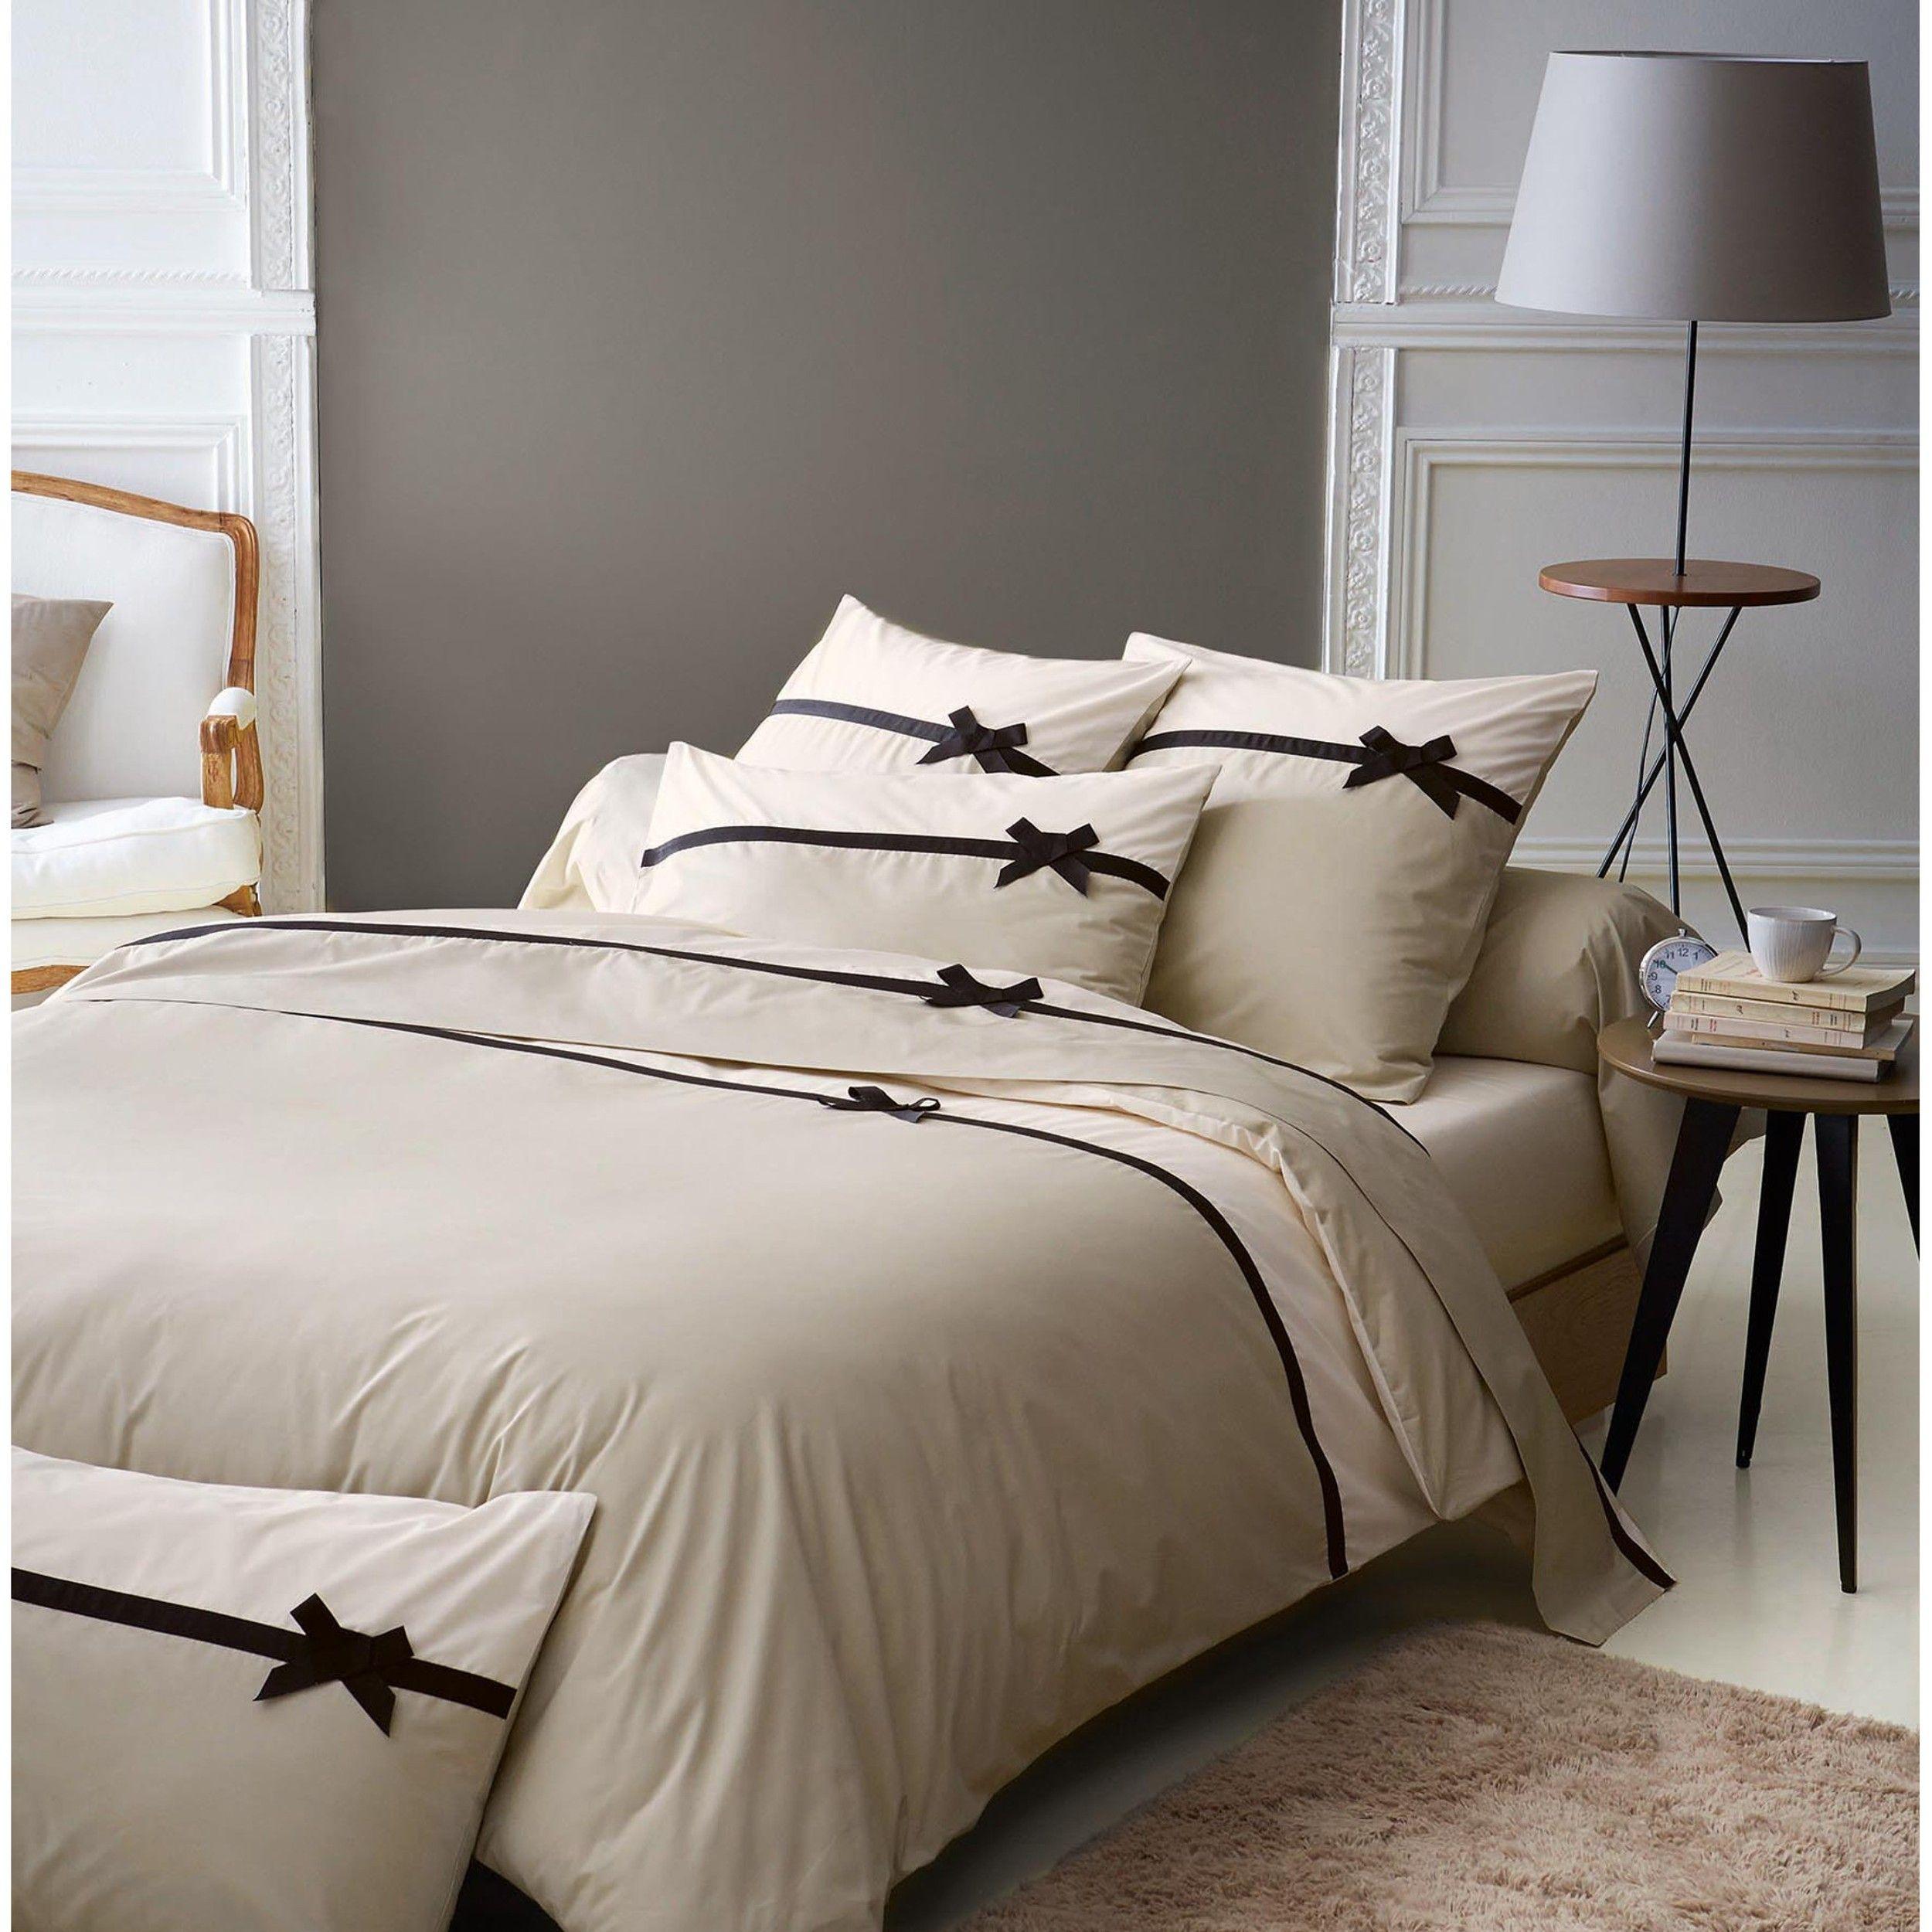 tradi linge de lit Parure de lit Frou Frou Lin Tradilinge   Linge de maison  tradi linge de lit